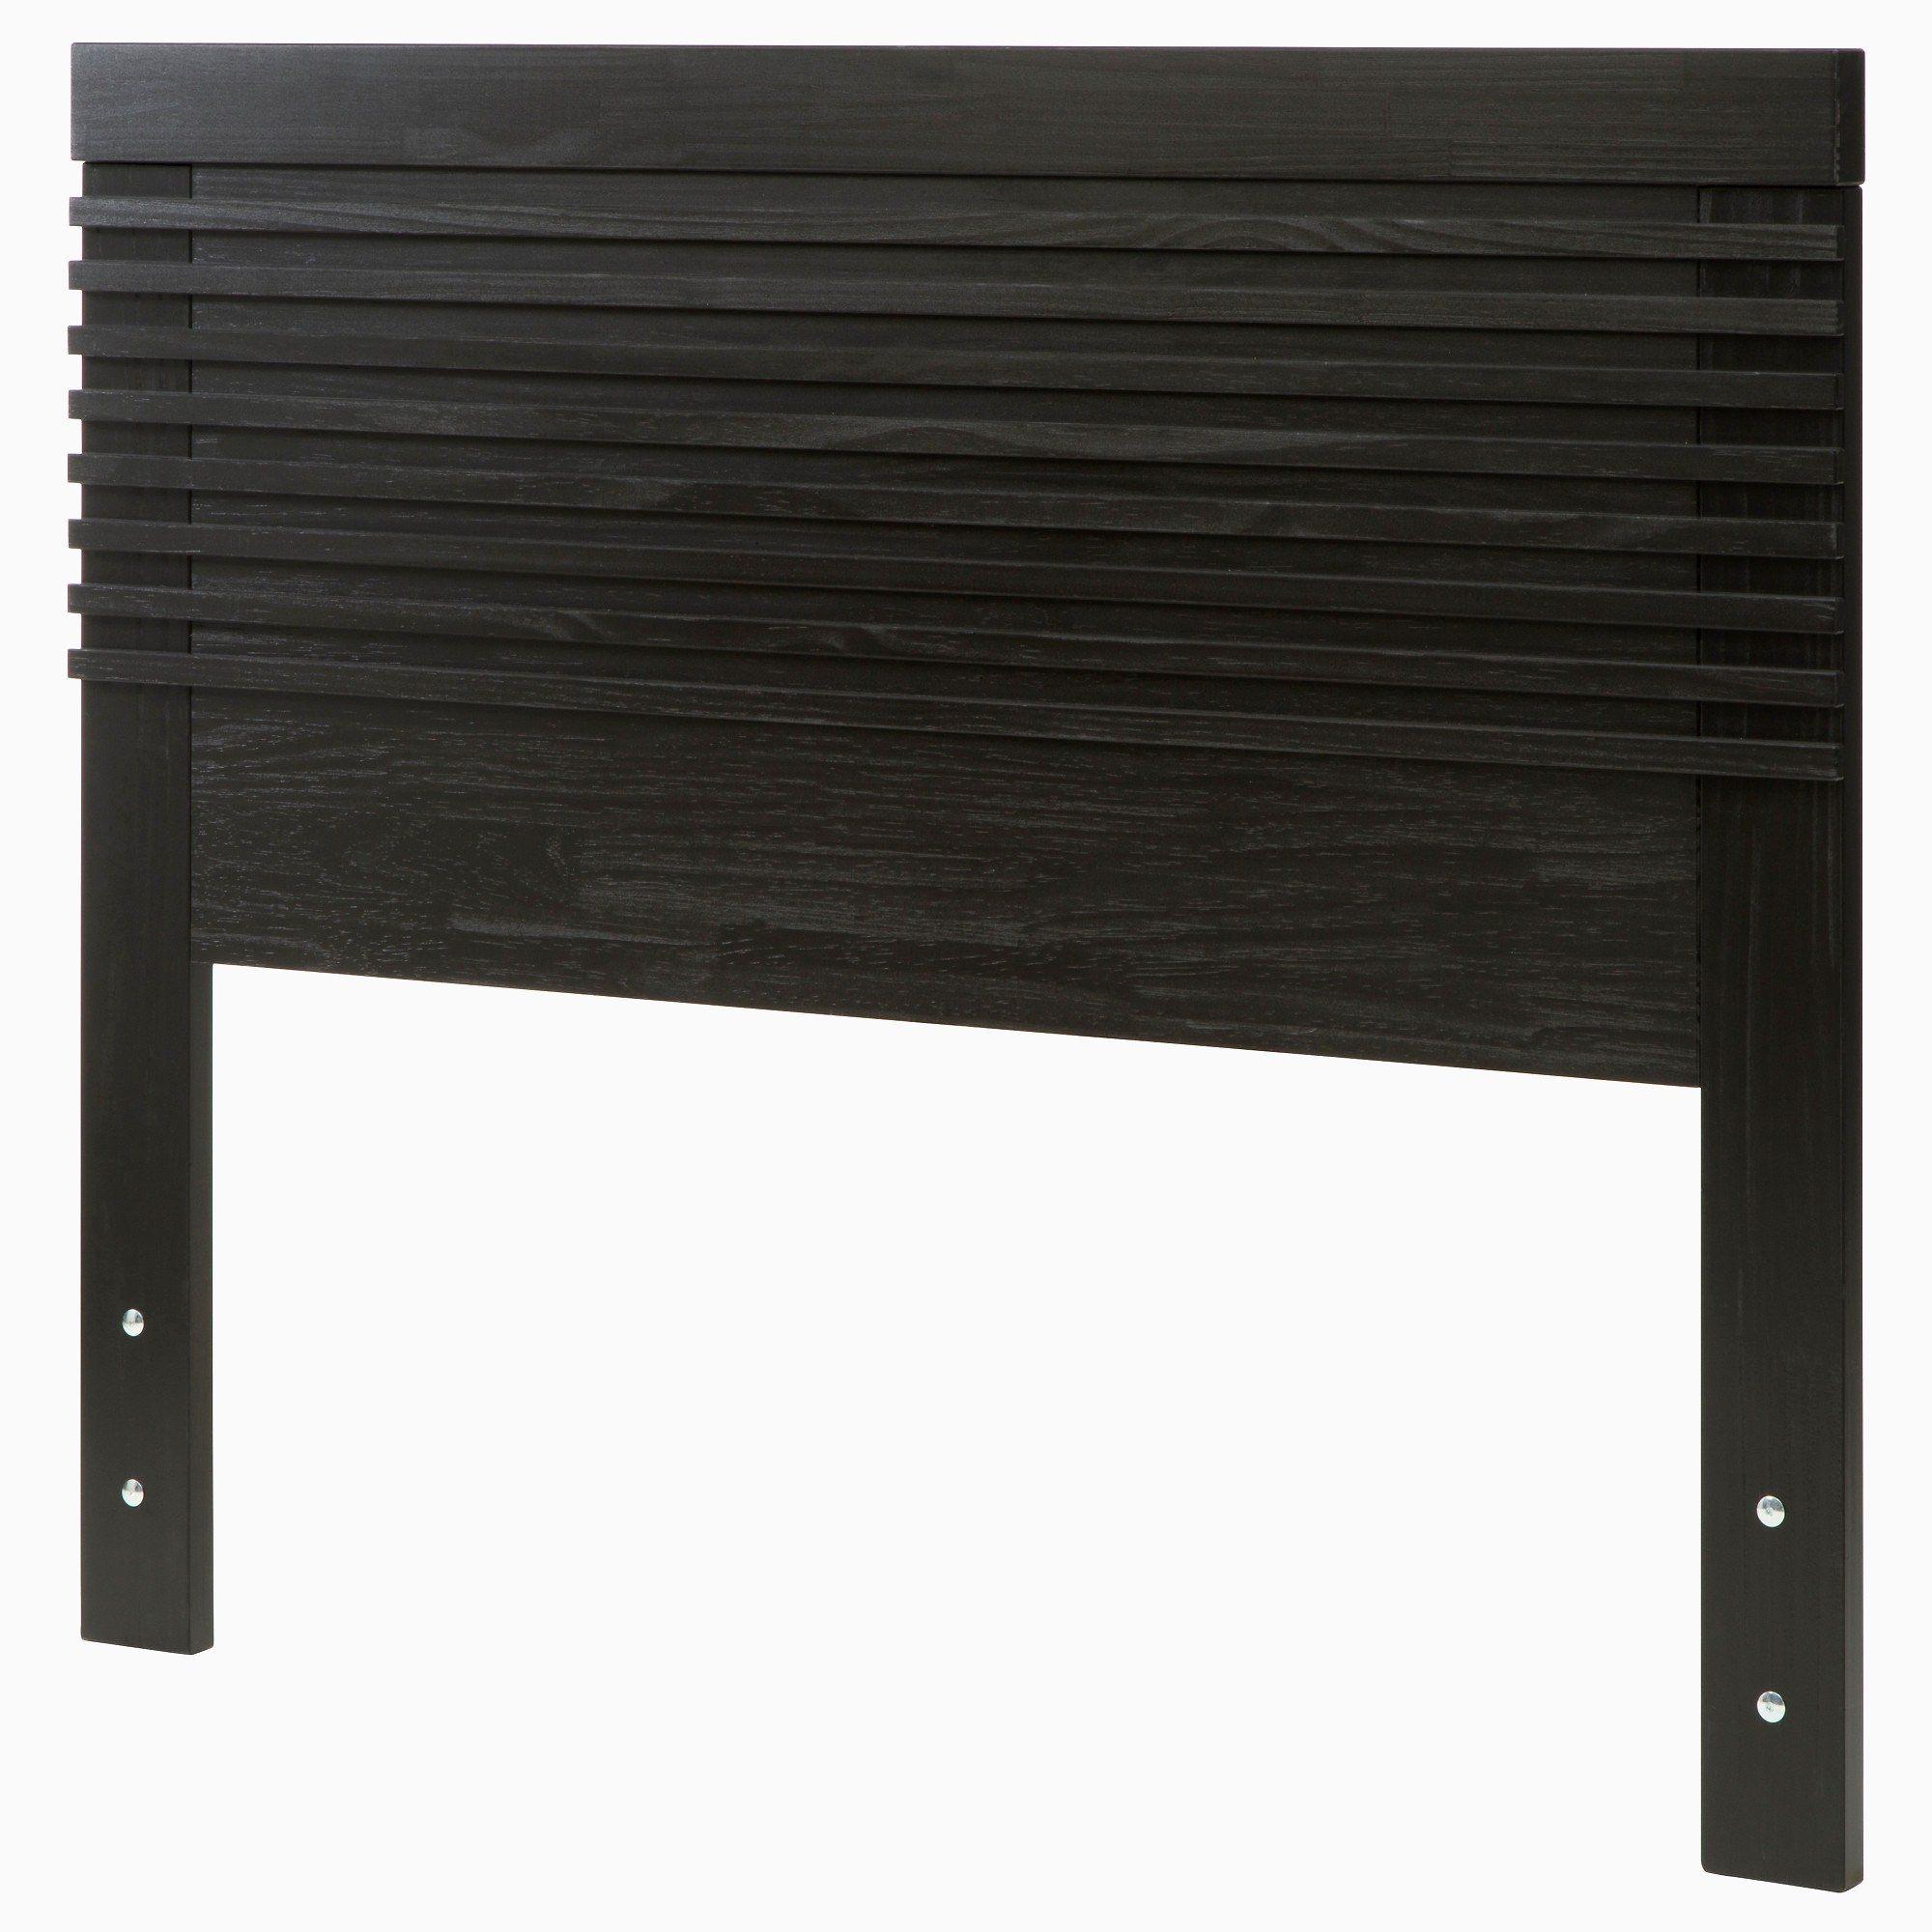 Lit Avec Tête De Lit Rangement 160 X 200 Impressionnant Ikea Tete De Lit